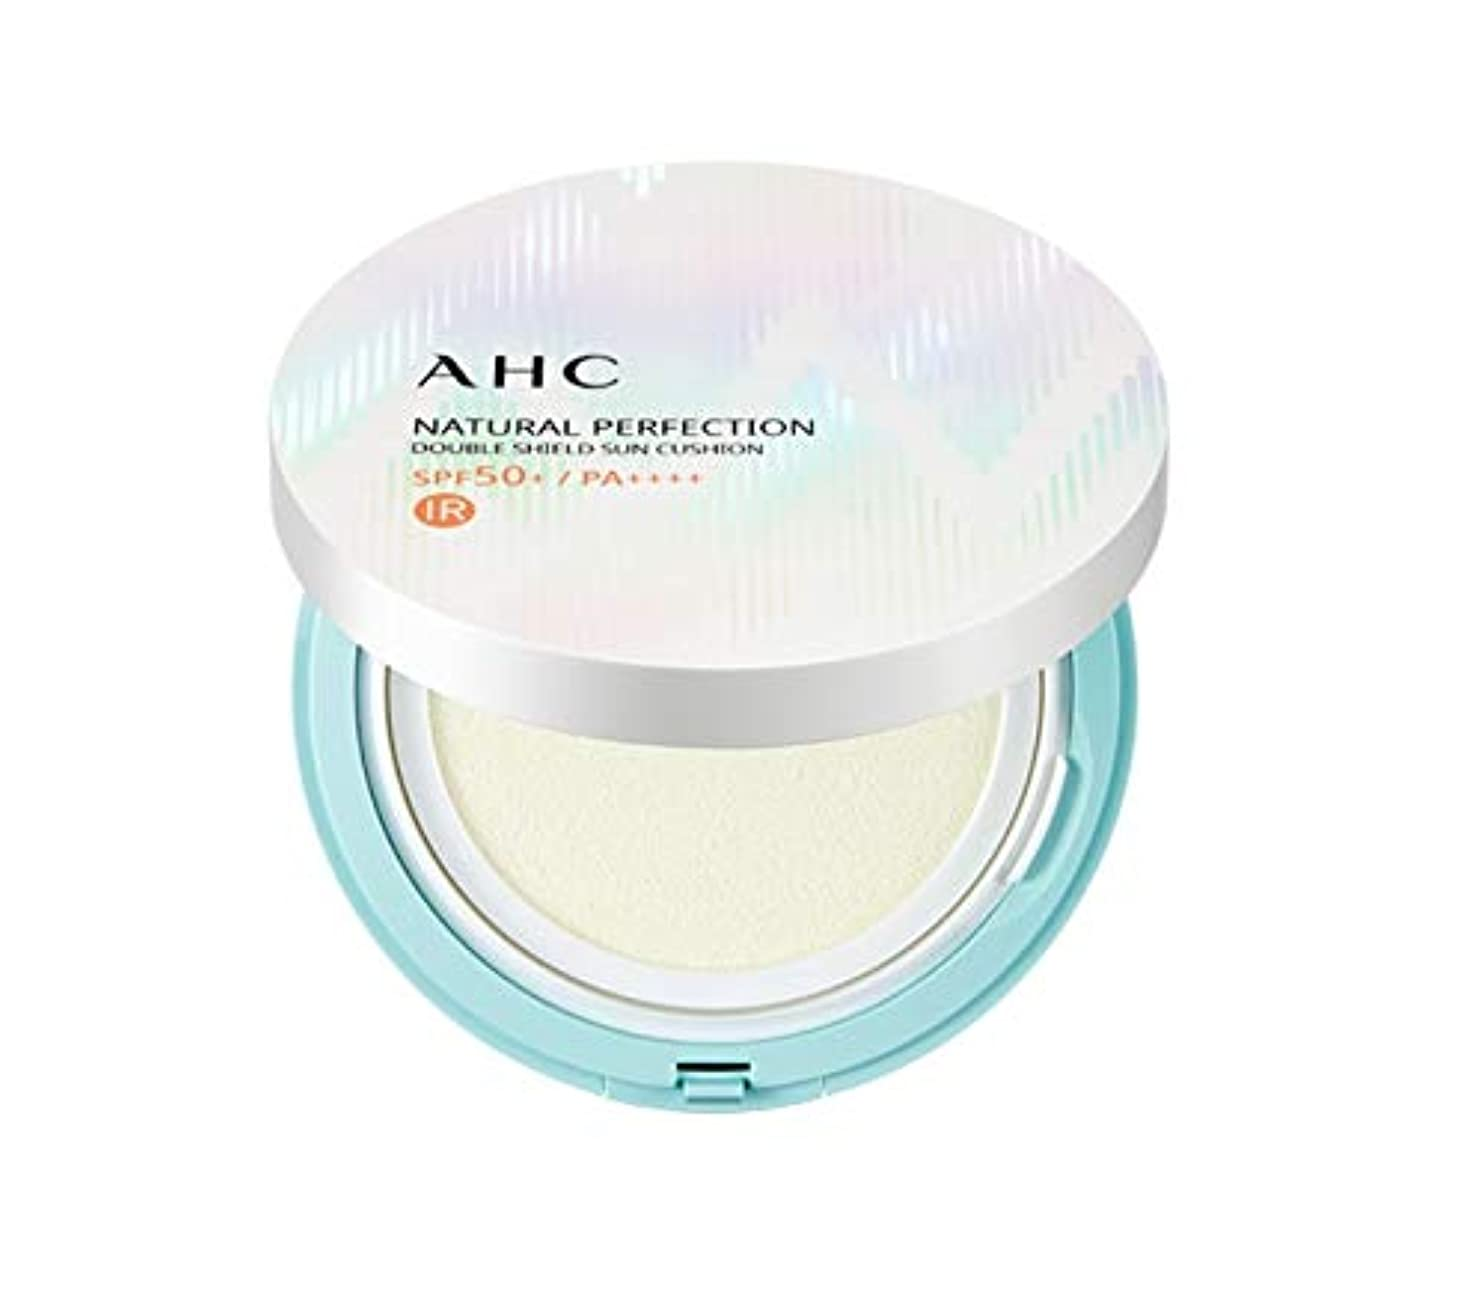 息苦しい摂氏度粉砕するAHC ナチュラルパーフェクションダブルシールド線クッション ホワイト 25g / AHC NATURAL PERFECTION DOUBLE SHIELD SUN CUSHION WHITE [並行輸入品]